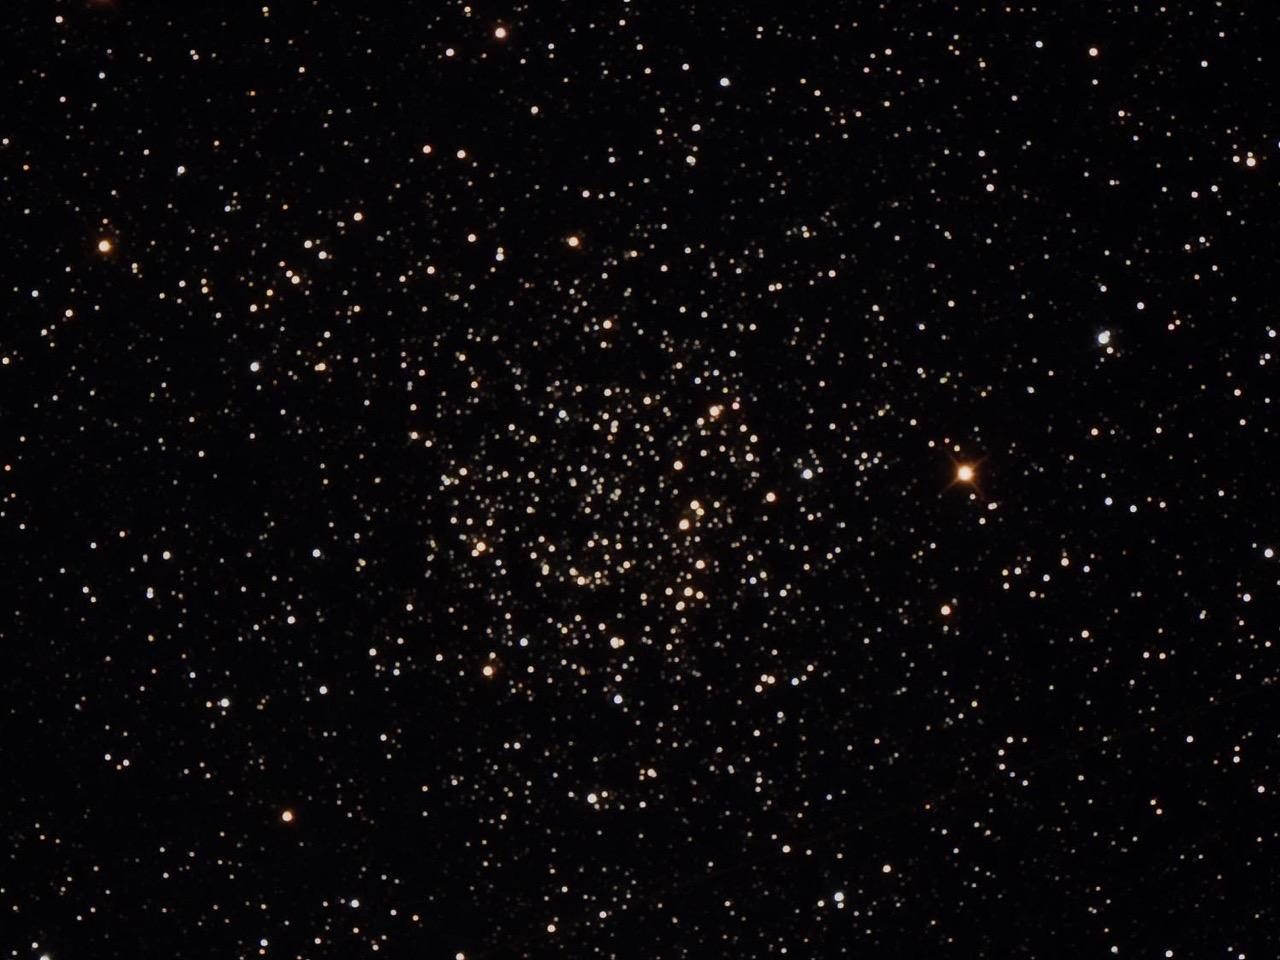 NGC7789